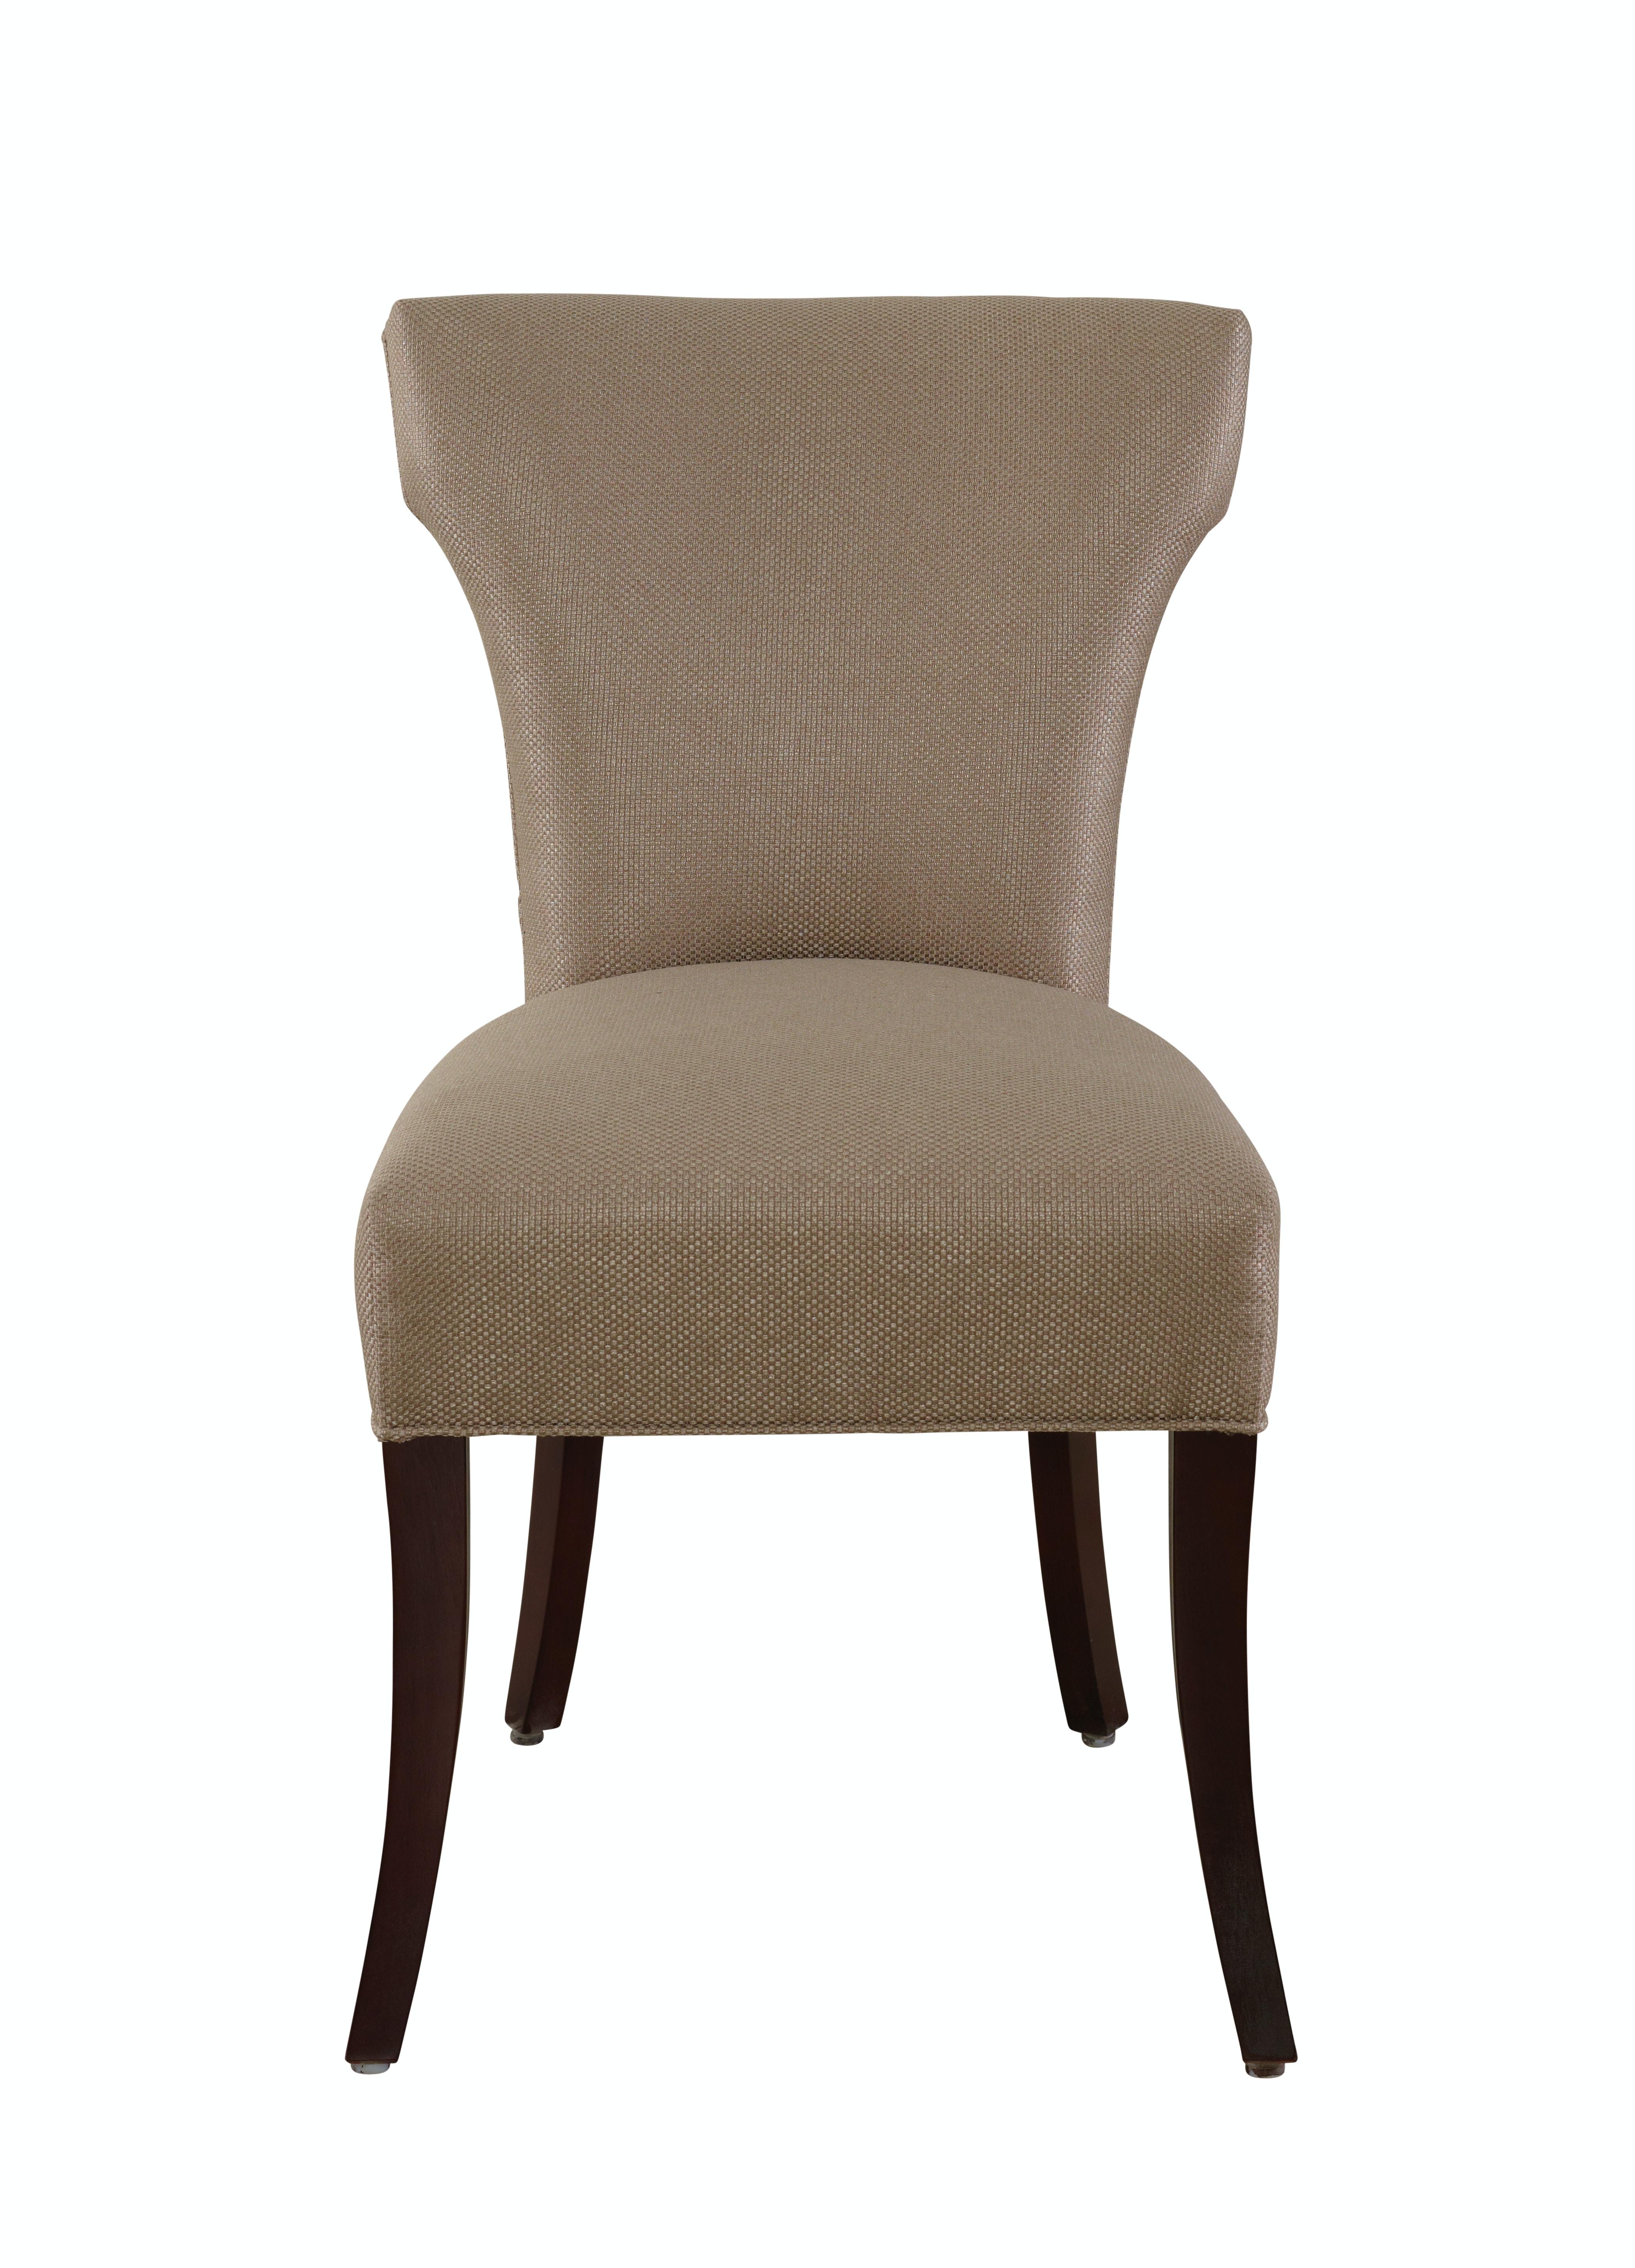 Designmaster Destin Side Chair 01 684